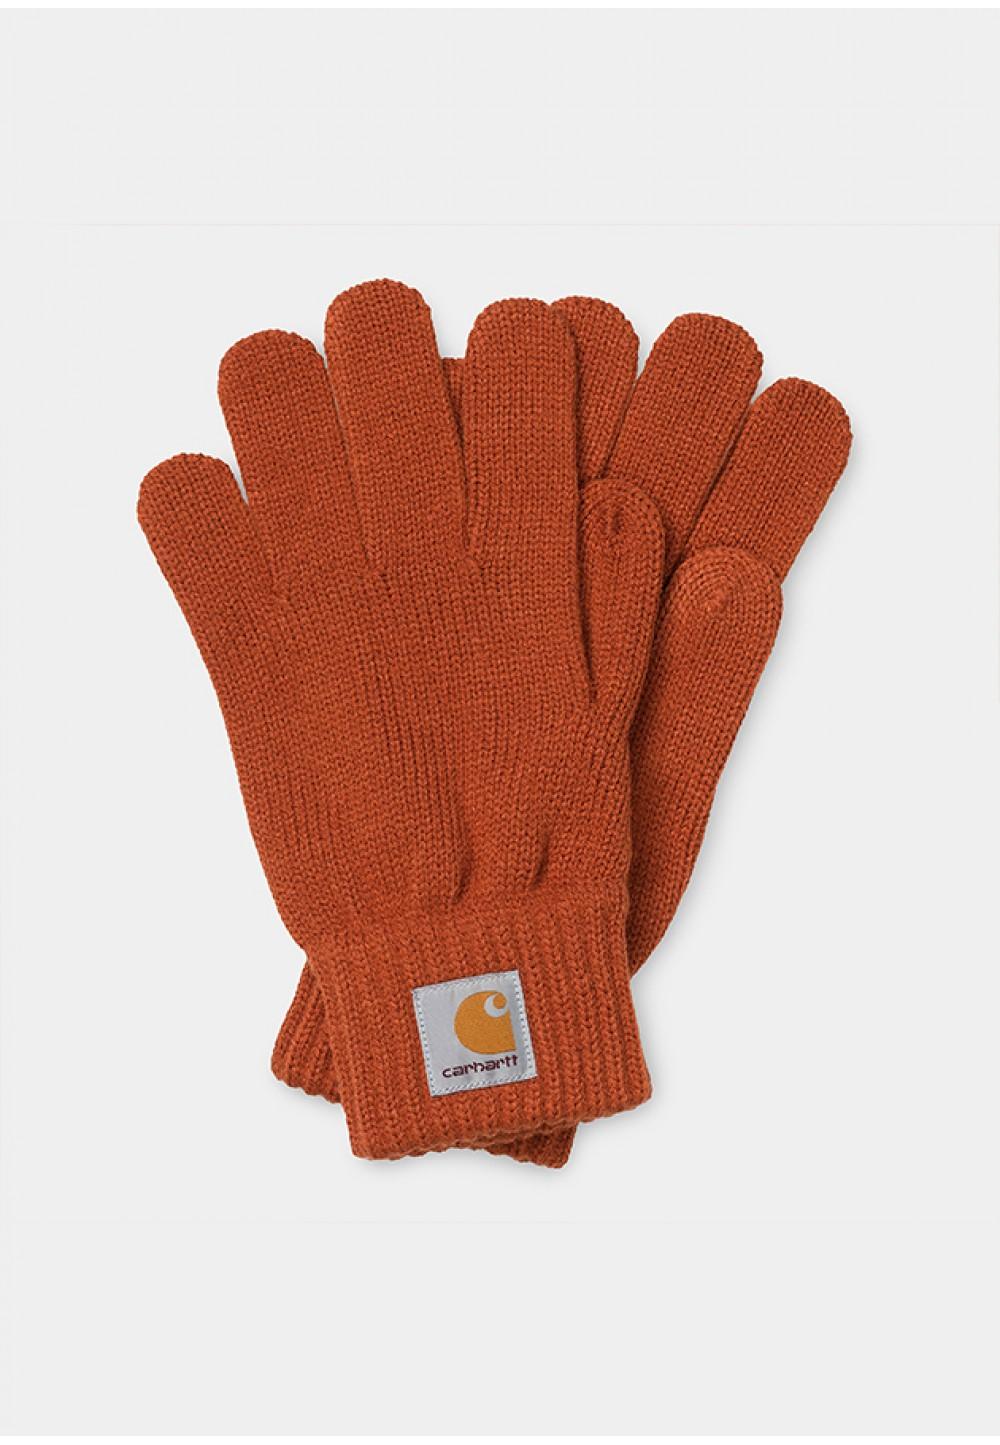 Яркие оранжевые перчатки